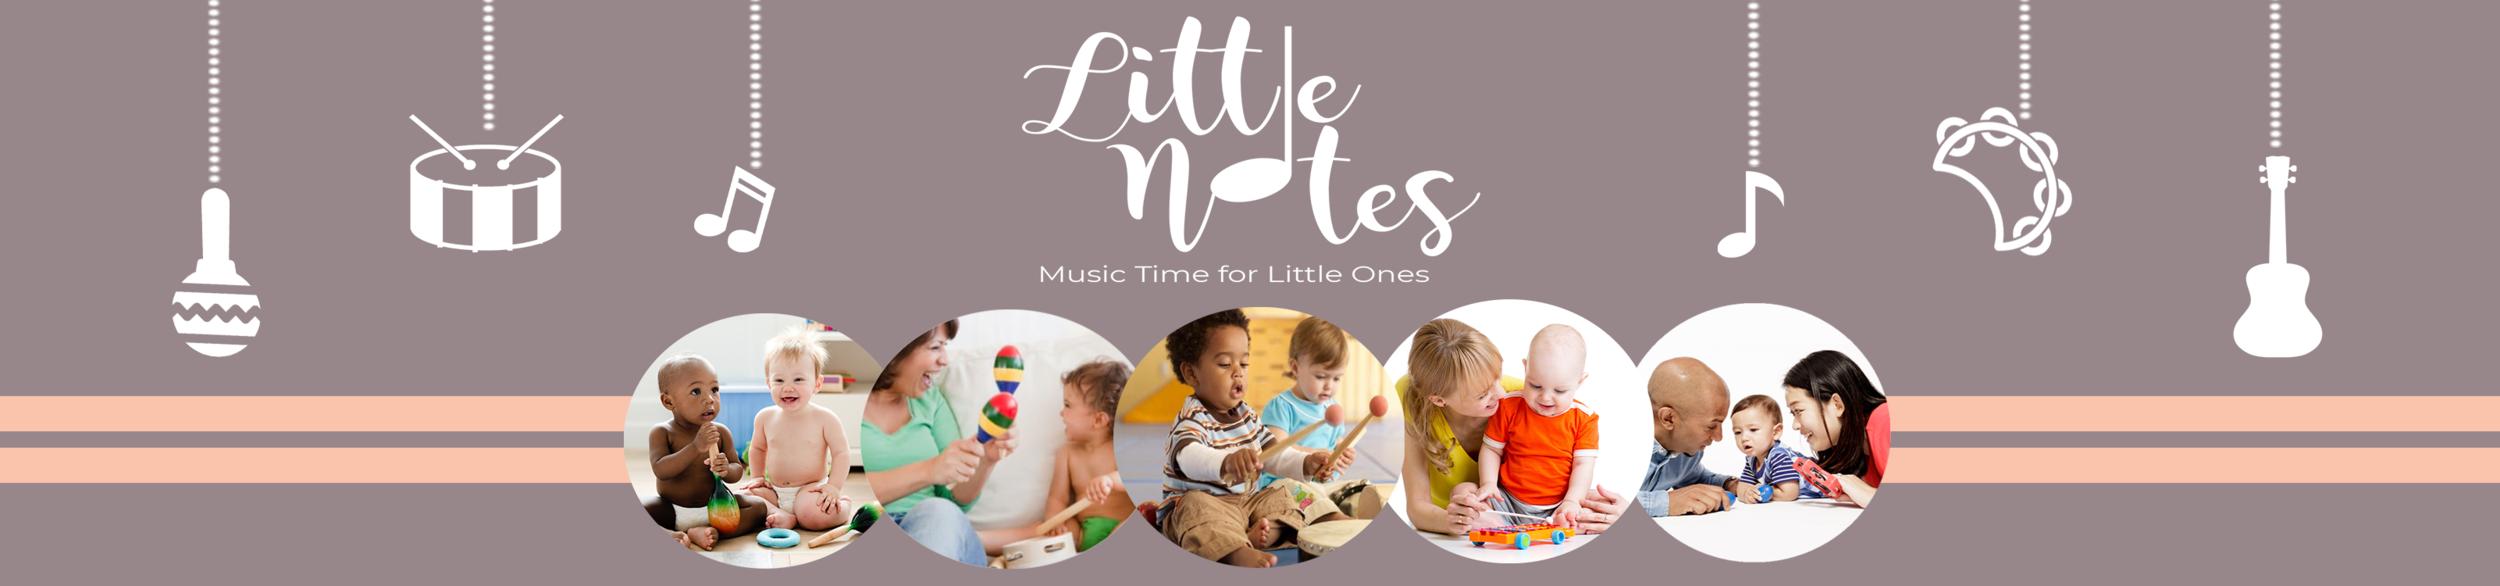 little notes website banner.png